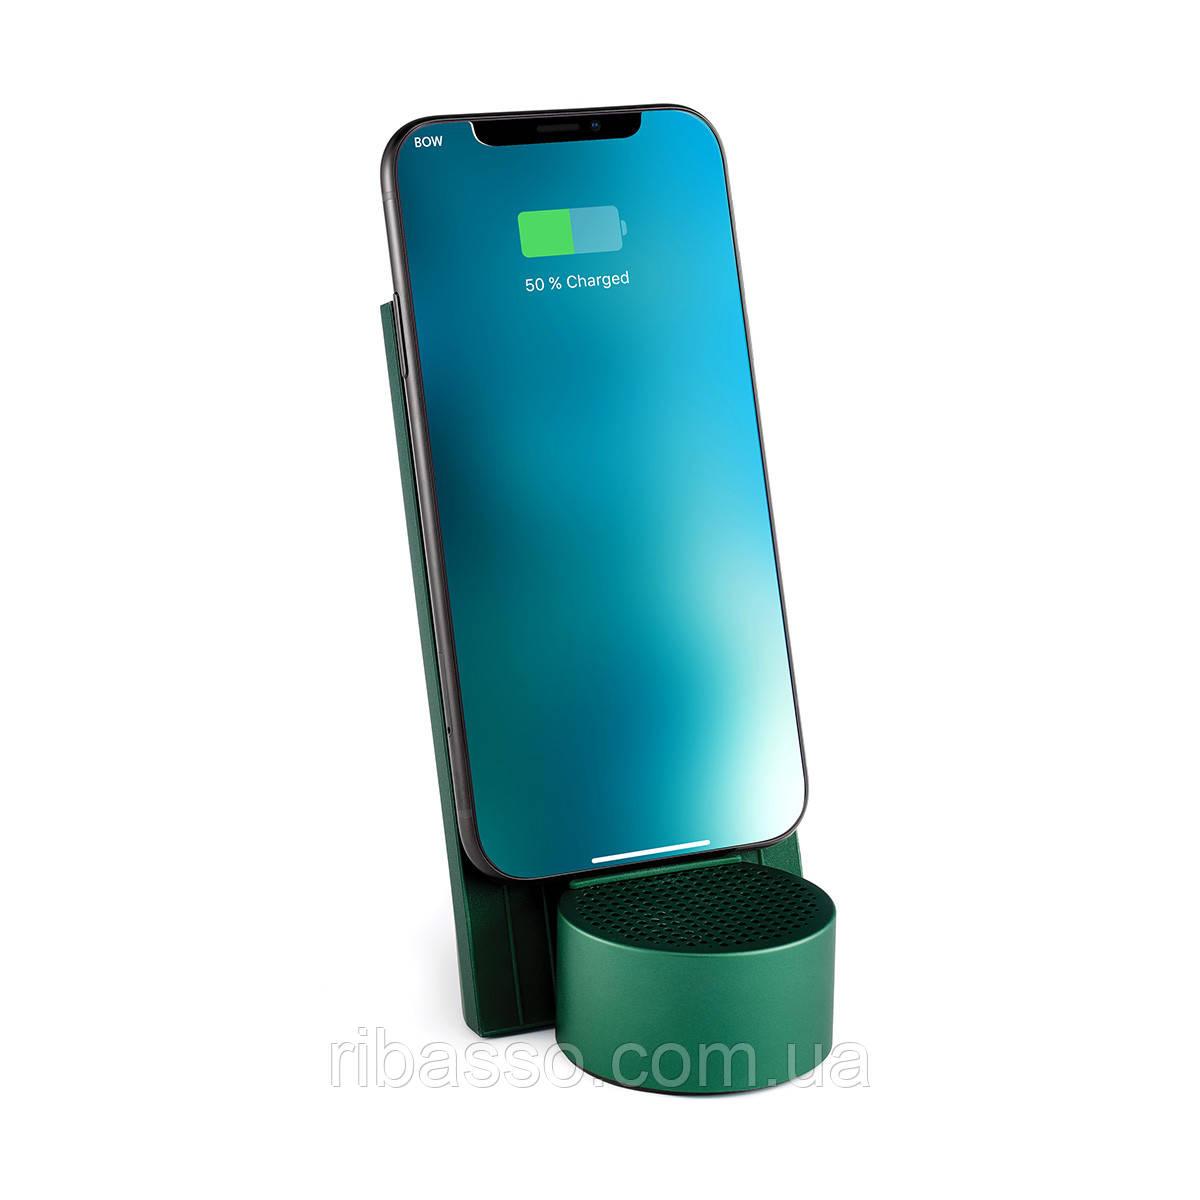 LEXON Беспроводное зарядное устройство с динамиком на 3 Вт, зеленый